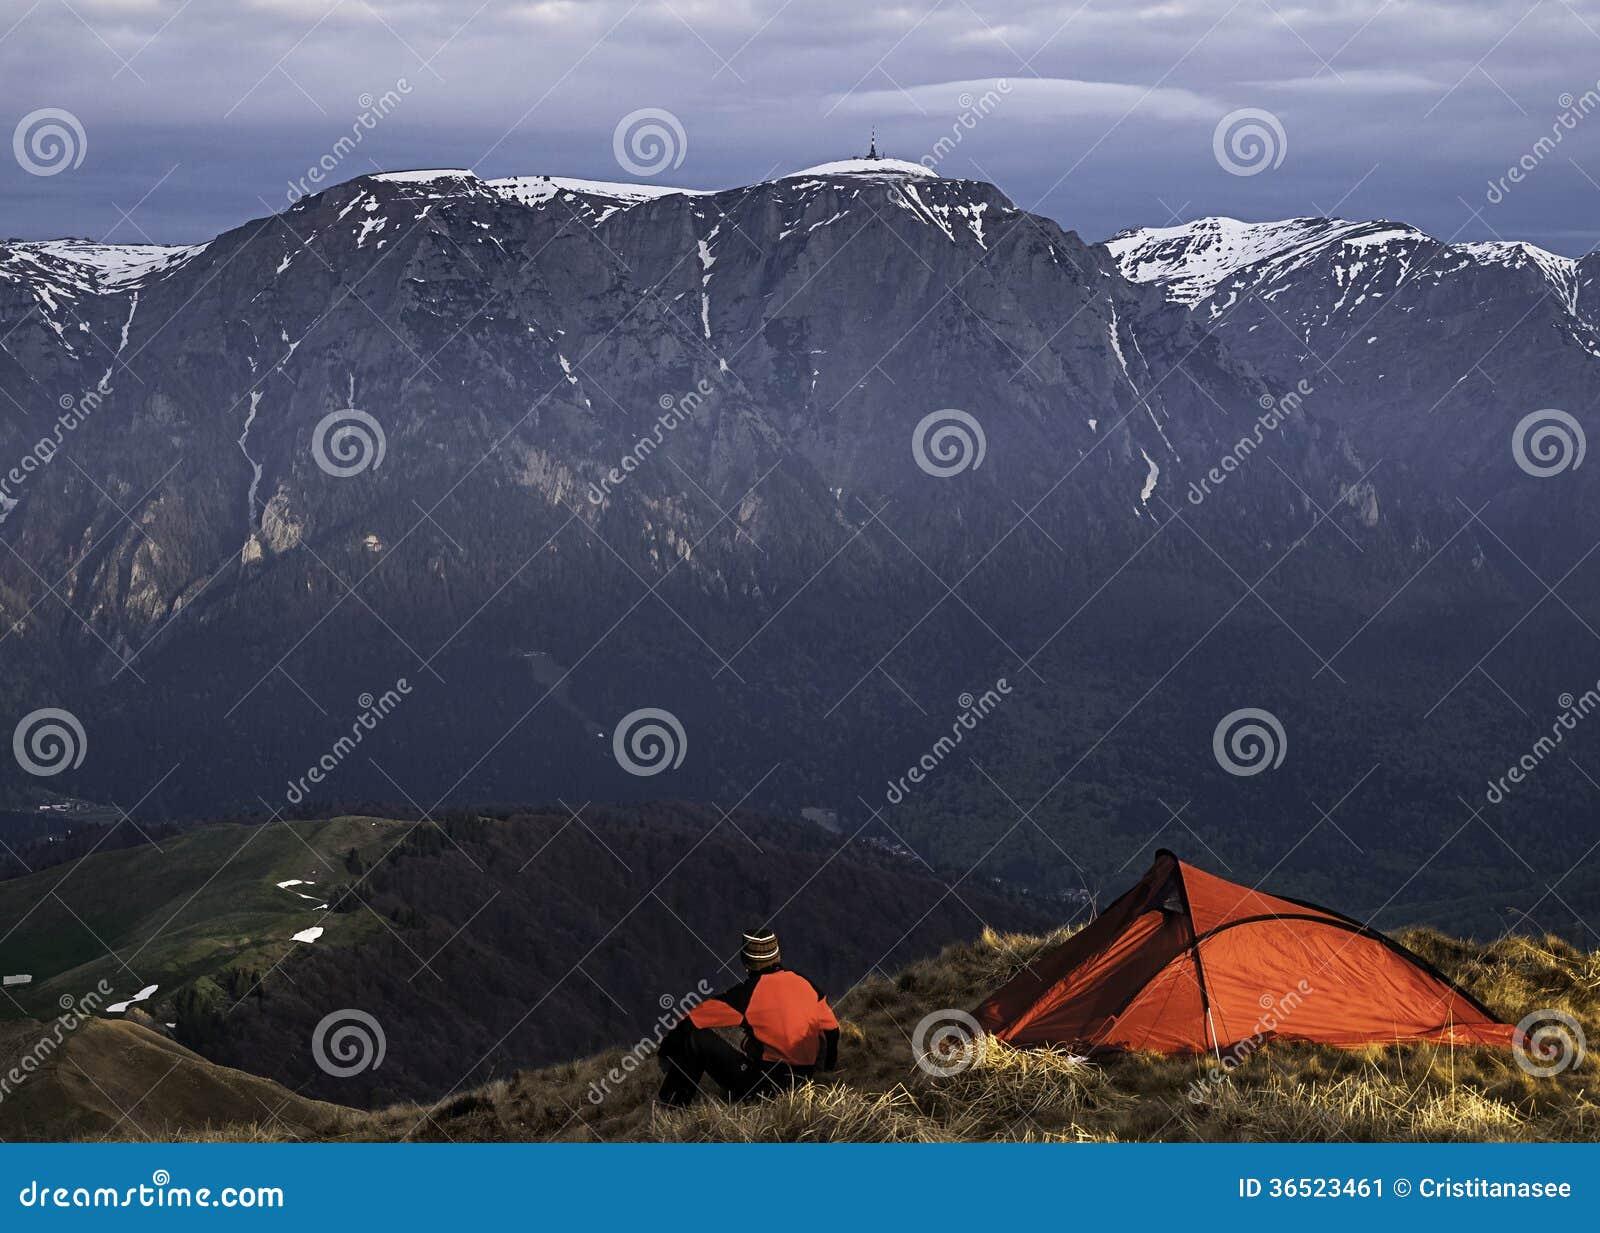 Camping de randonneur à travers la vallée et les montagnes massives de falaise.